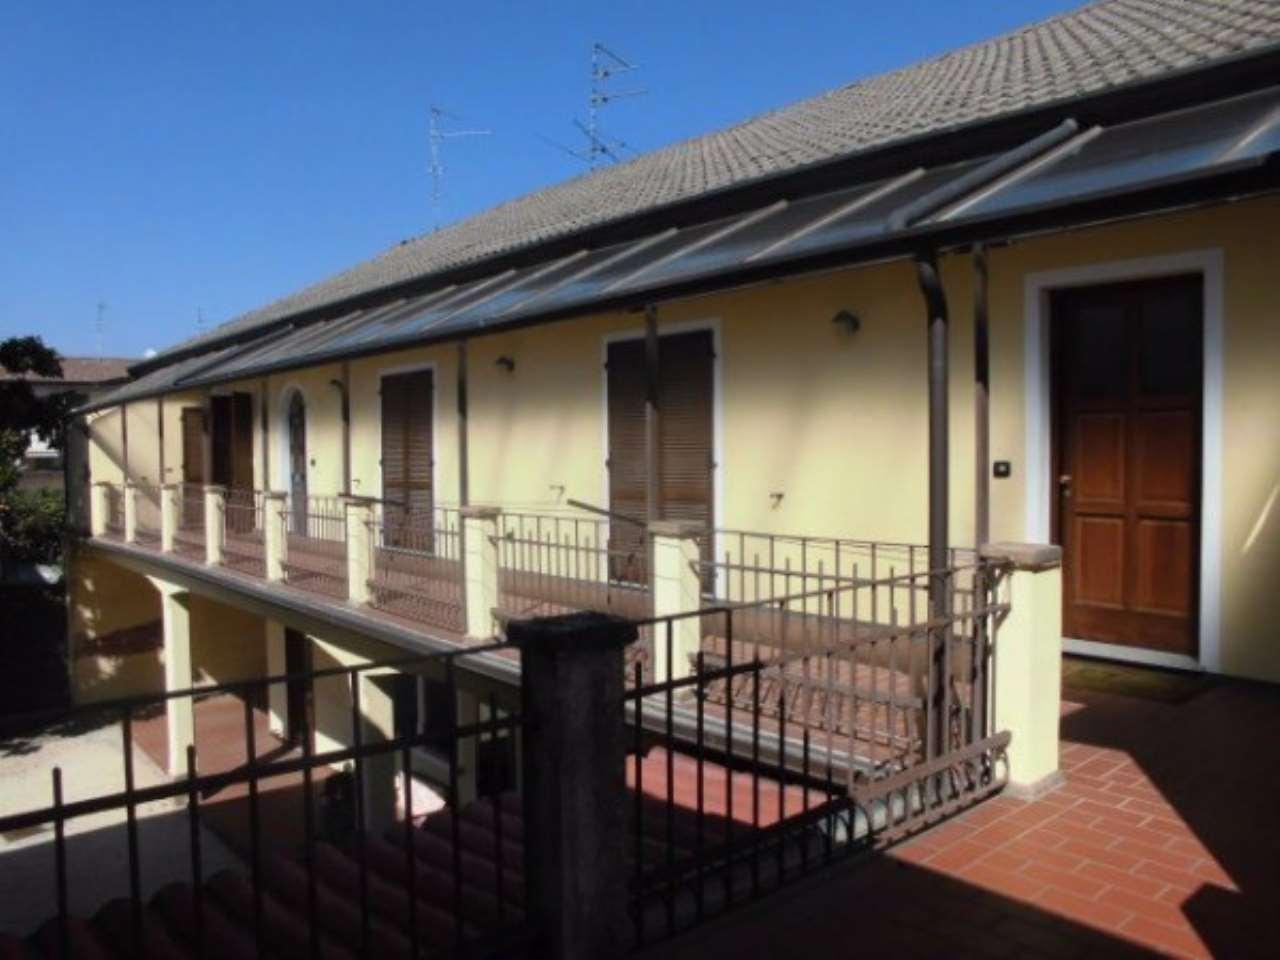 Villa in vendita a Biandrate, 6 locali, prezzo € 275.000 | Cambio Casa.it